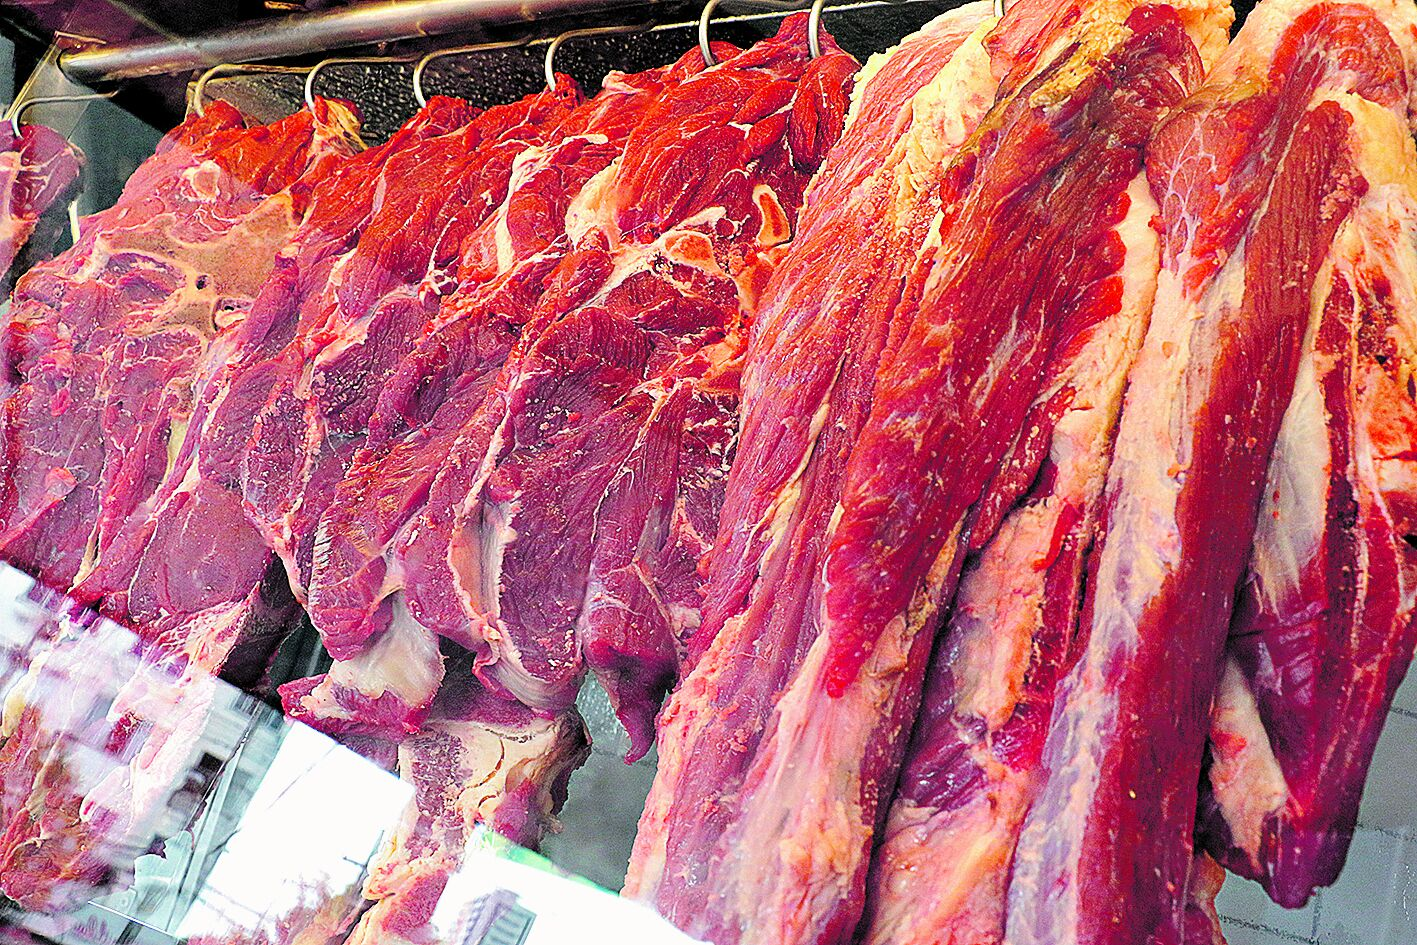 Carne exposta em um estabelecimento comercial